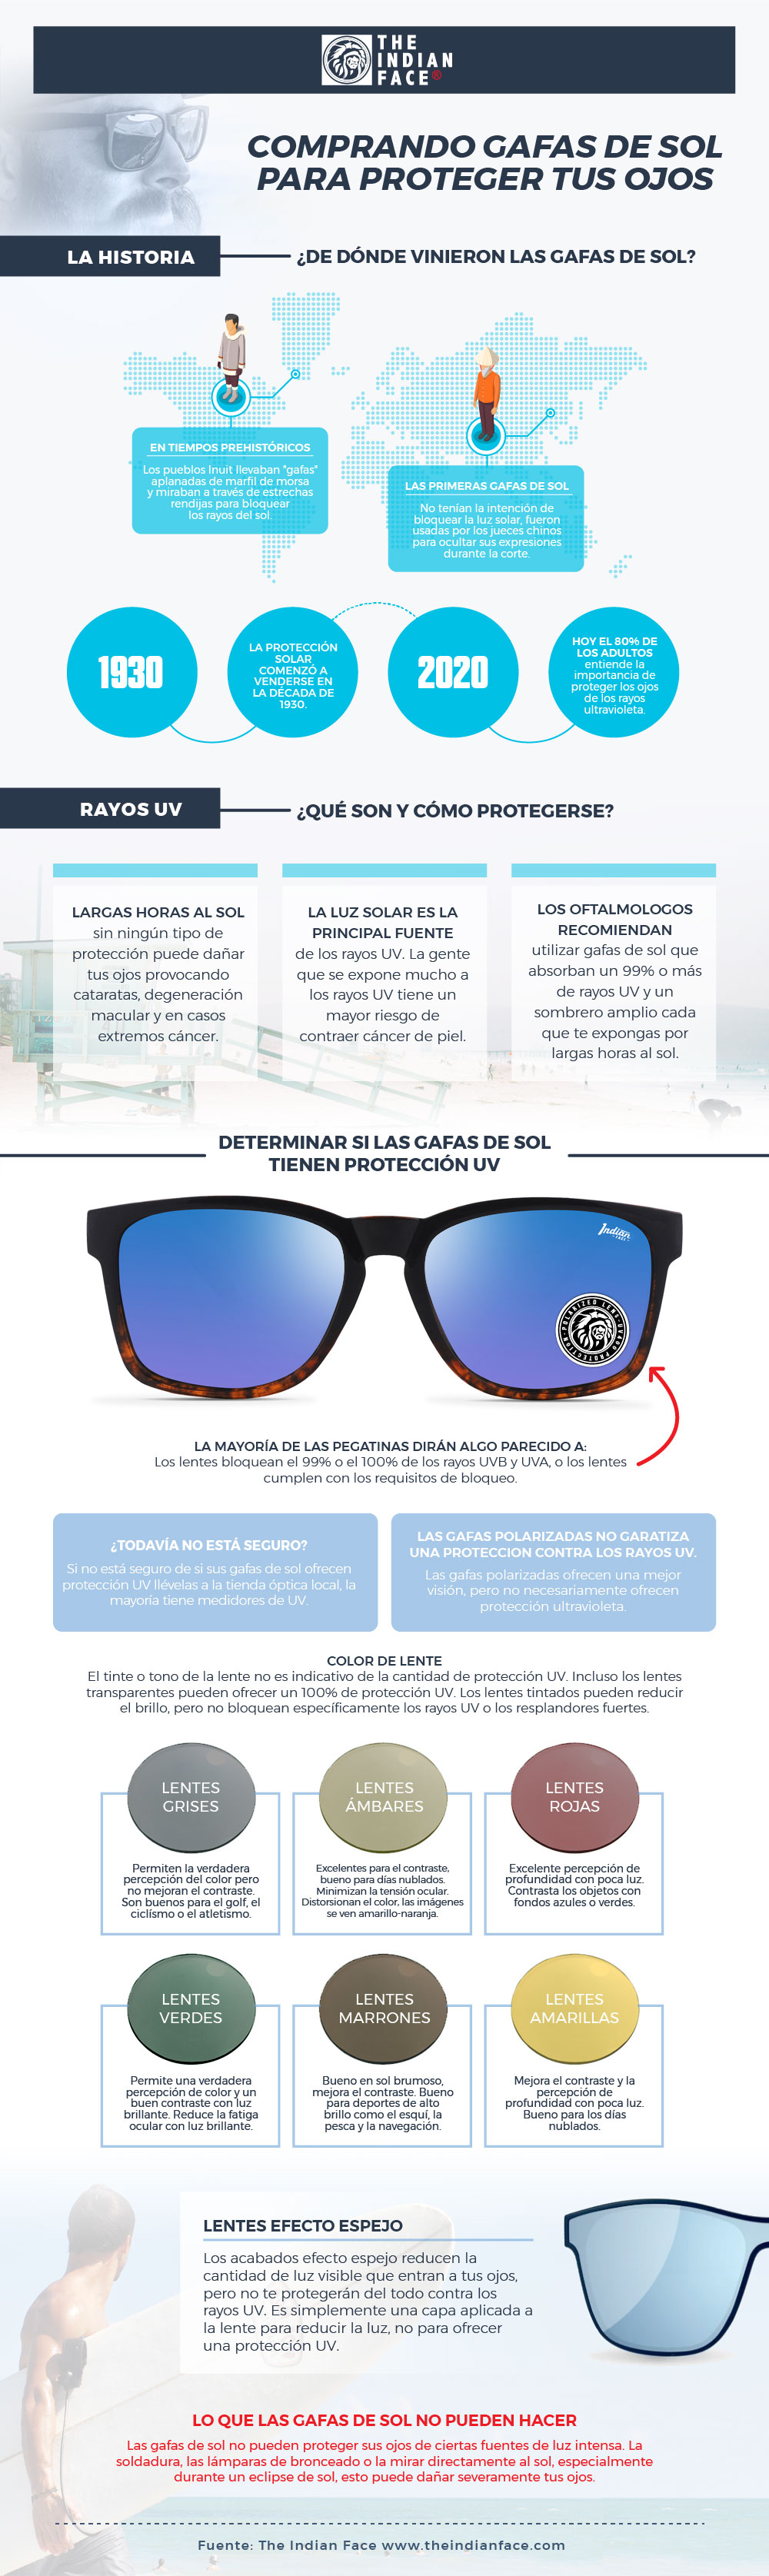 Infographic Sådan køber du solbriller